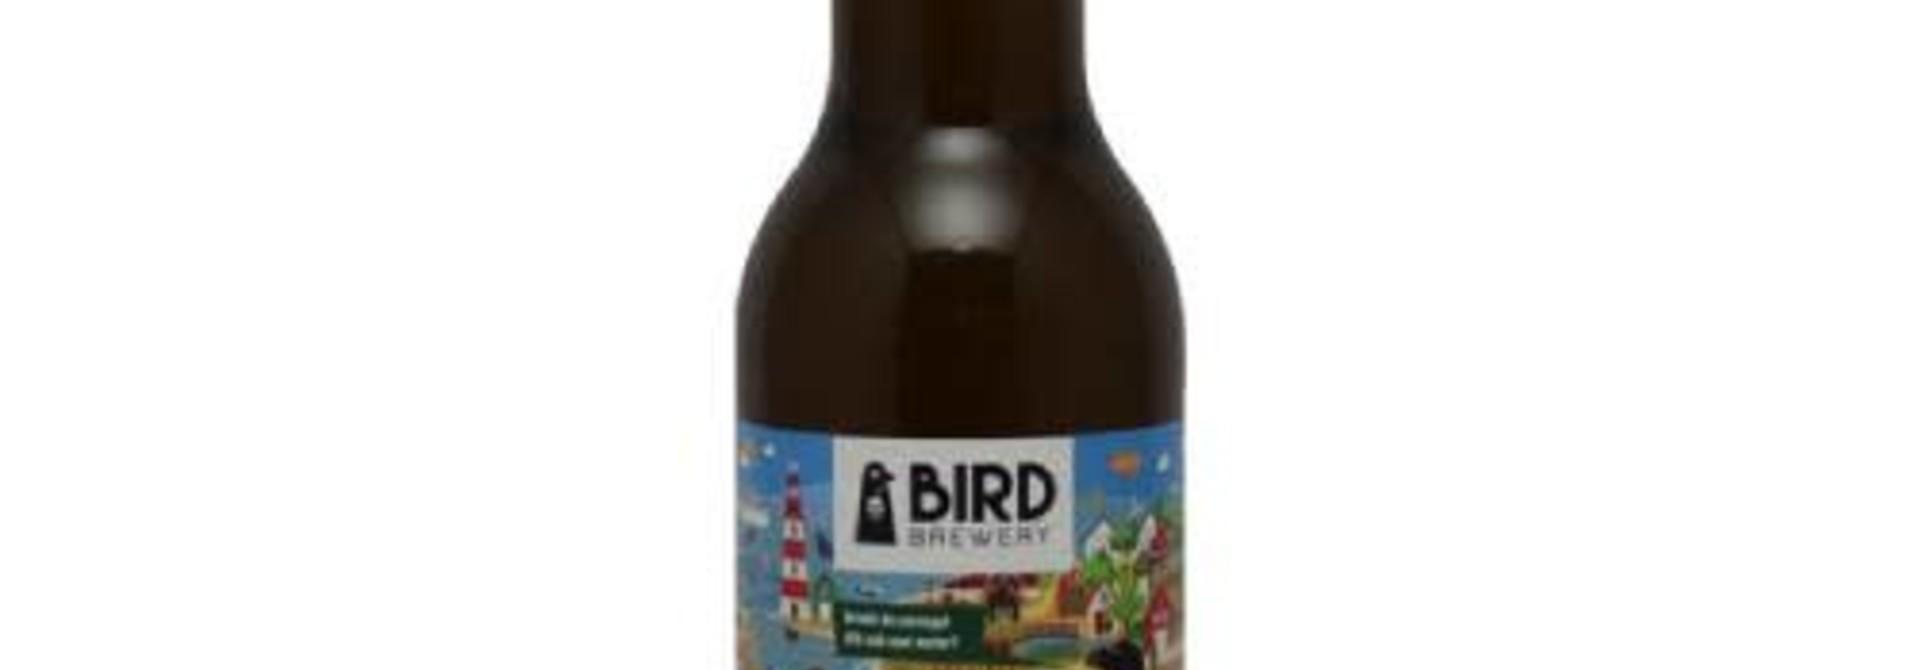 BIRD BREWERY - NON ALK 12389